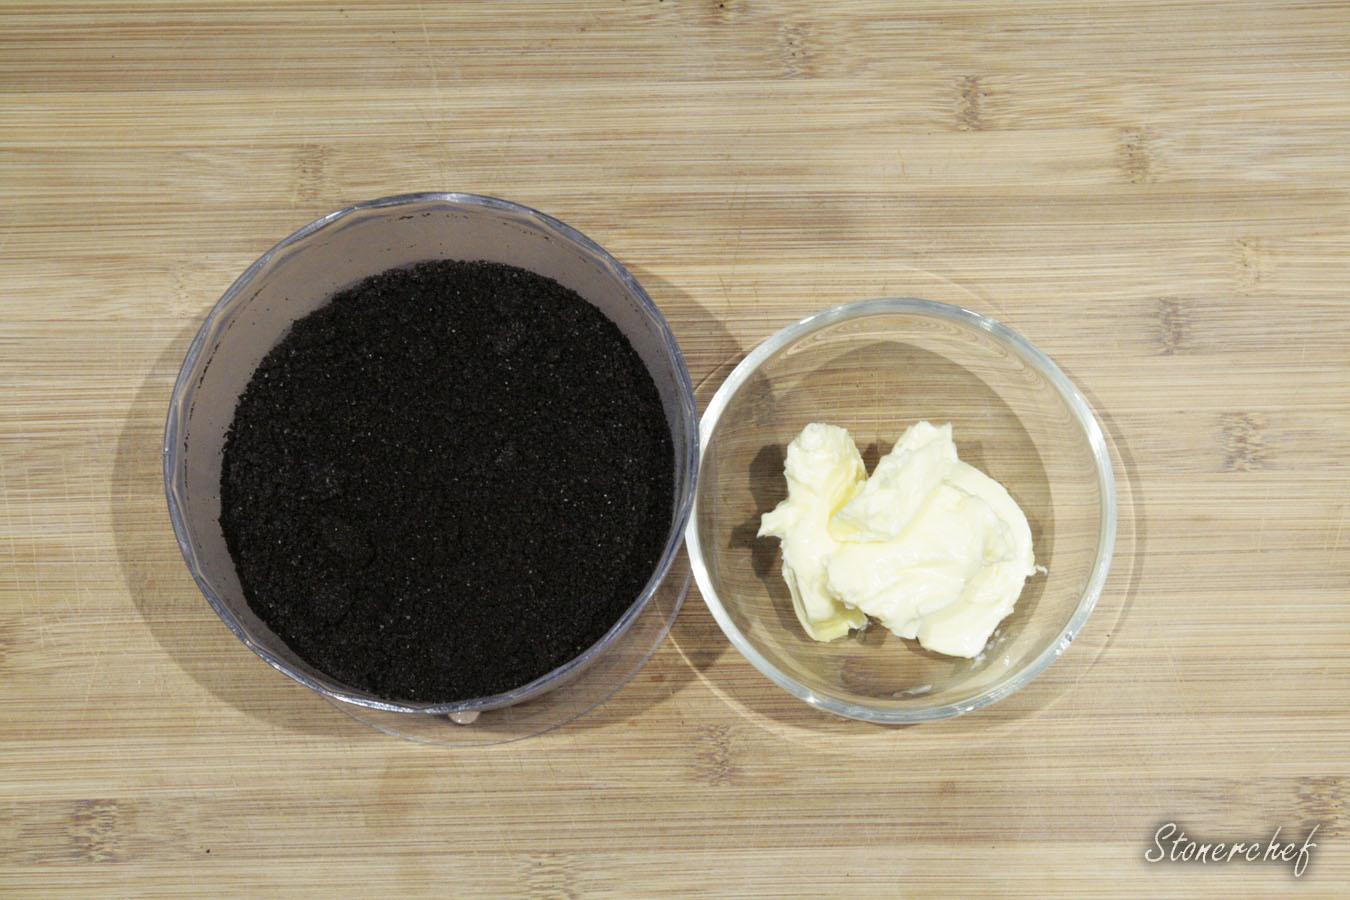 składniki na spód do tarty kajmakowej